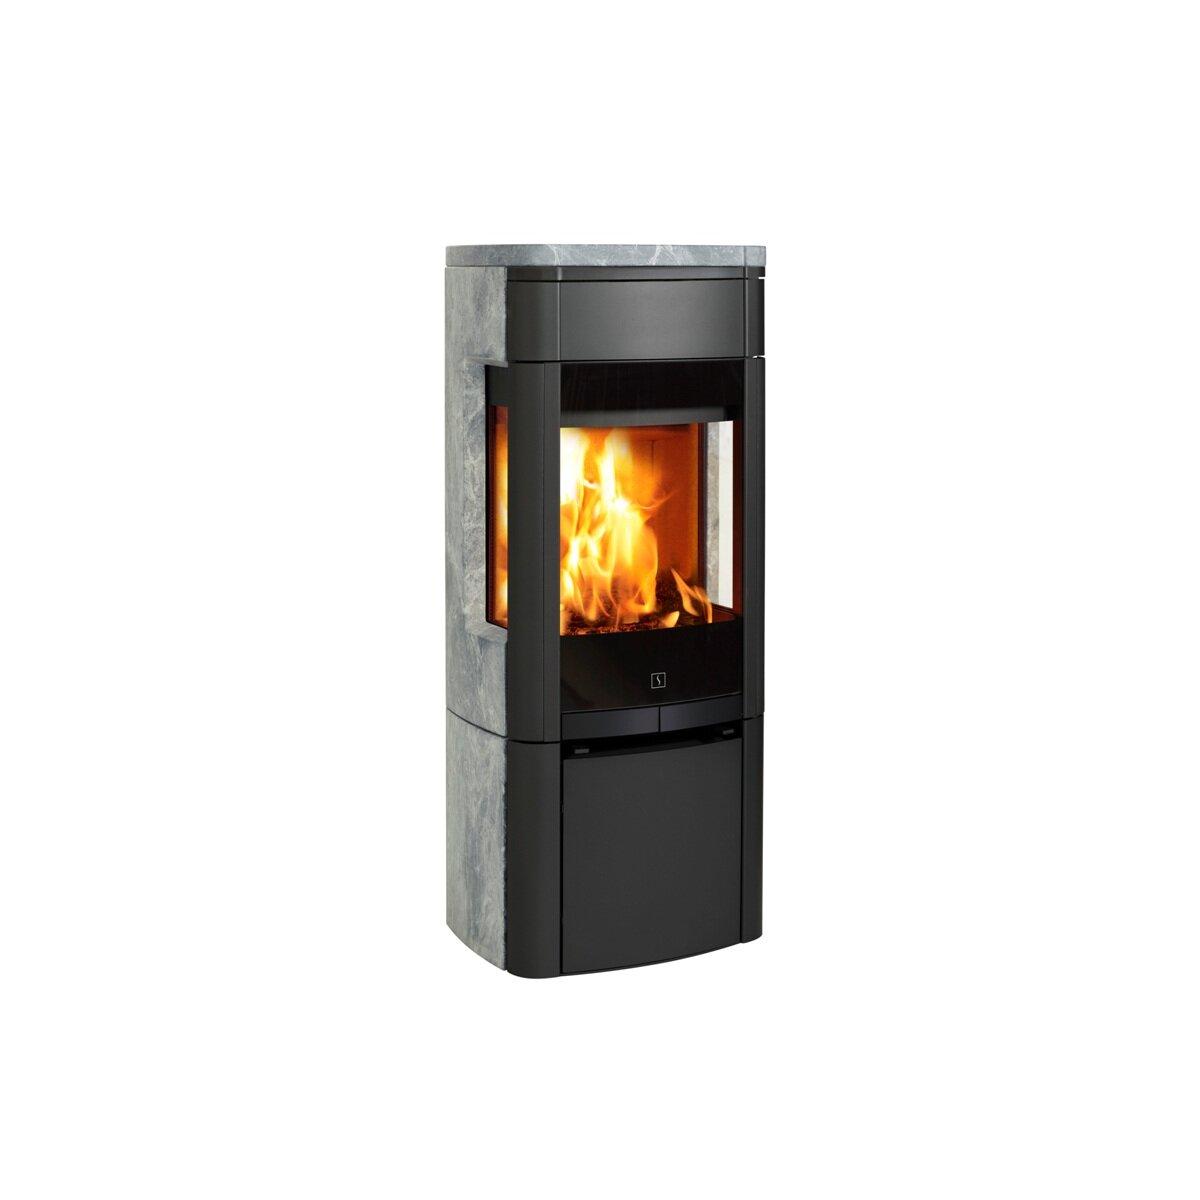 kaminofen scan 65 4 natursteionline kaufen feuer fuchs von scan a s mit beratung. Black Bedroom Furniture Sets. Home Design Ideas